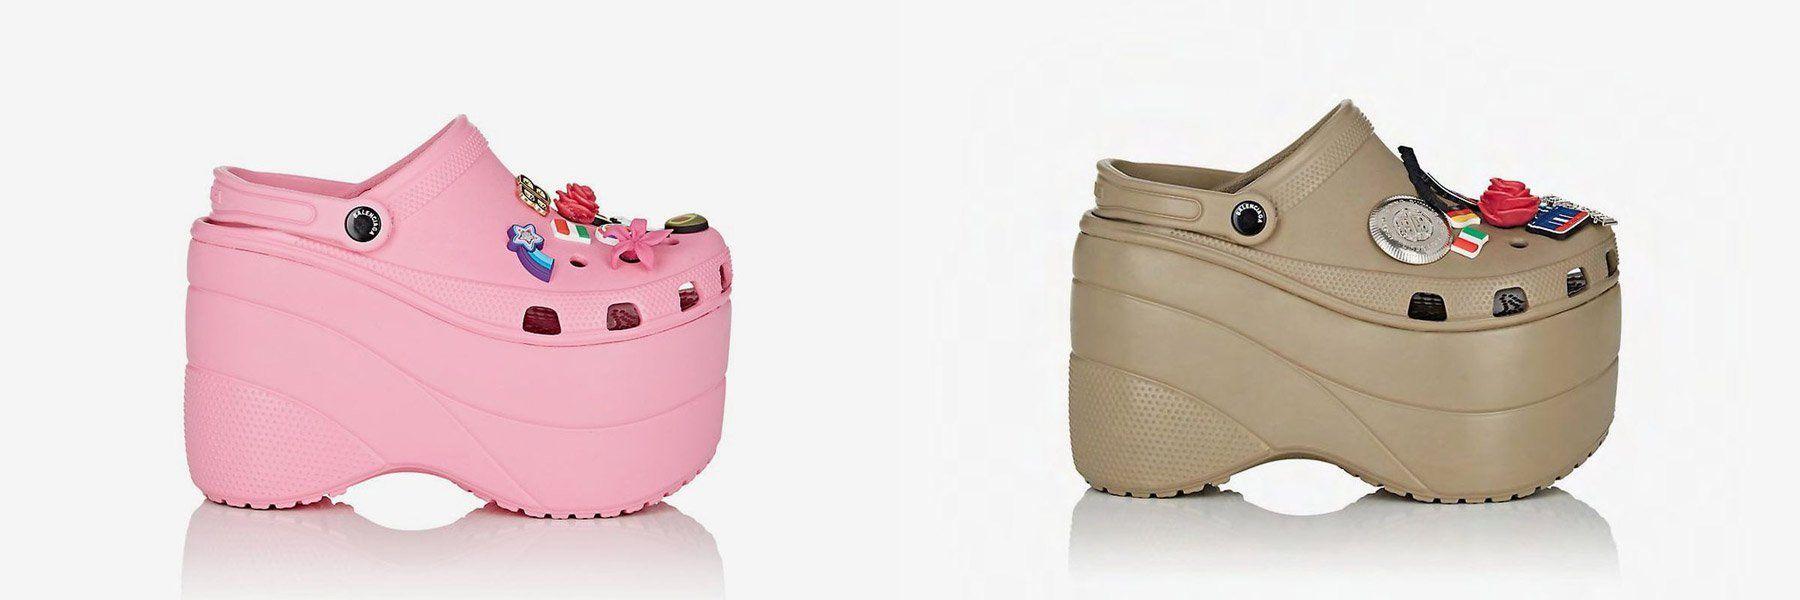 new styles cdfb5 90840 Todos lo talles y colores disponibles. Estos son los nuevos modelos de  ZUECOS CROCS. En zapatosdemoda tenemos calzado para hombres, mujeres y  niños.